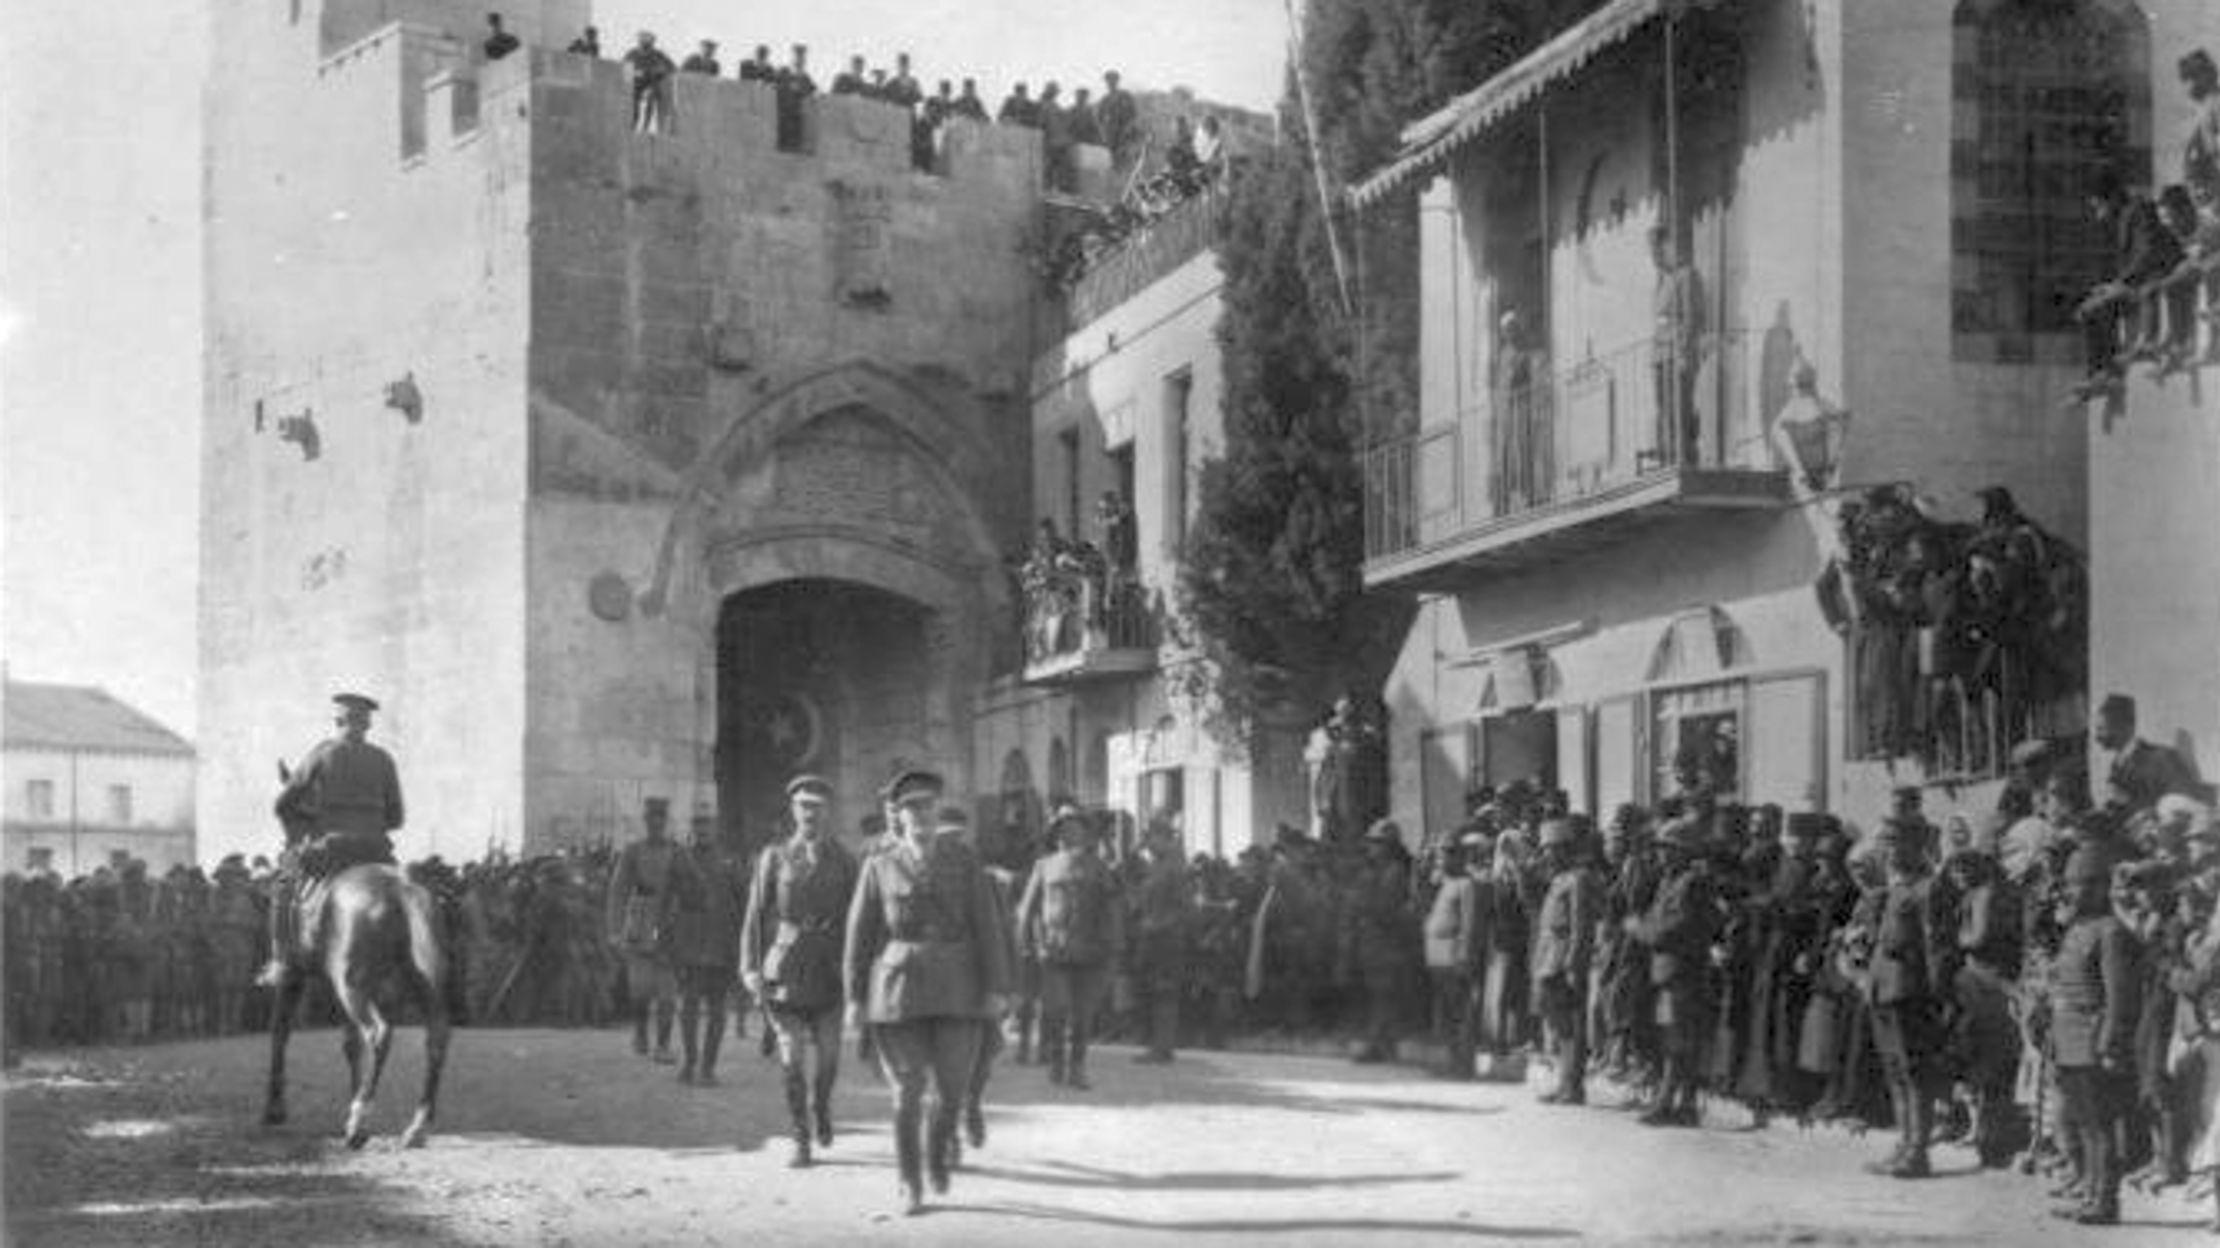 WWI Centennial: The British Capture Jerusalem | Mental Floss